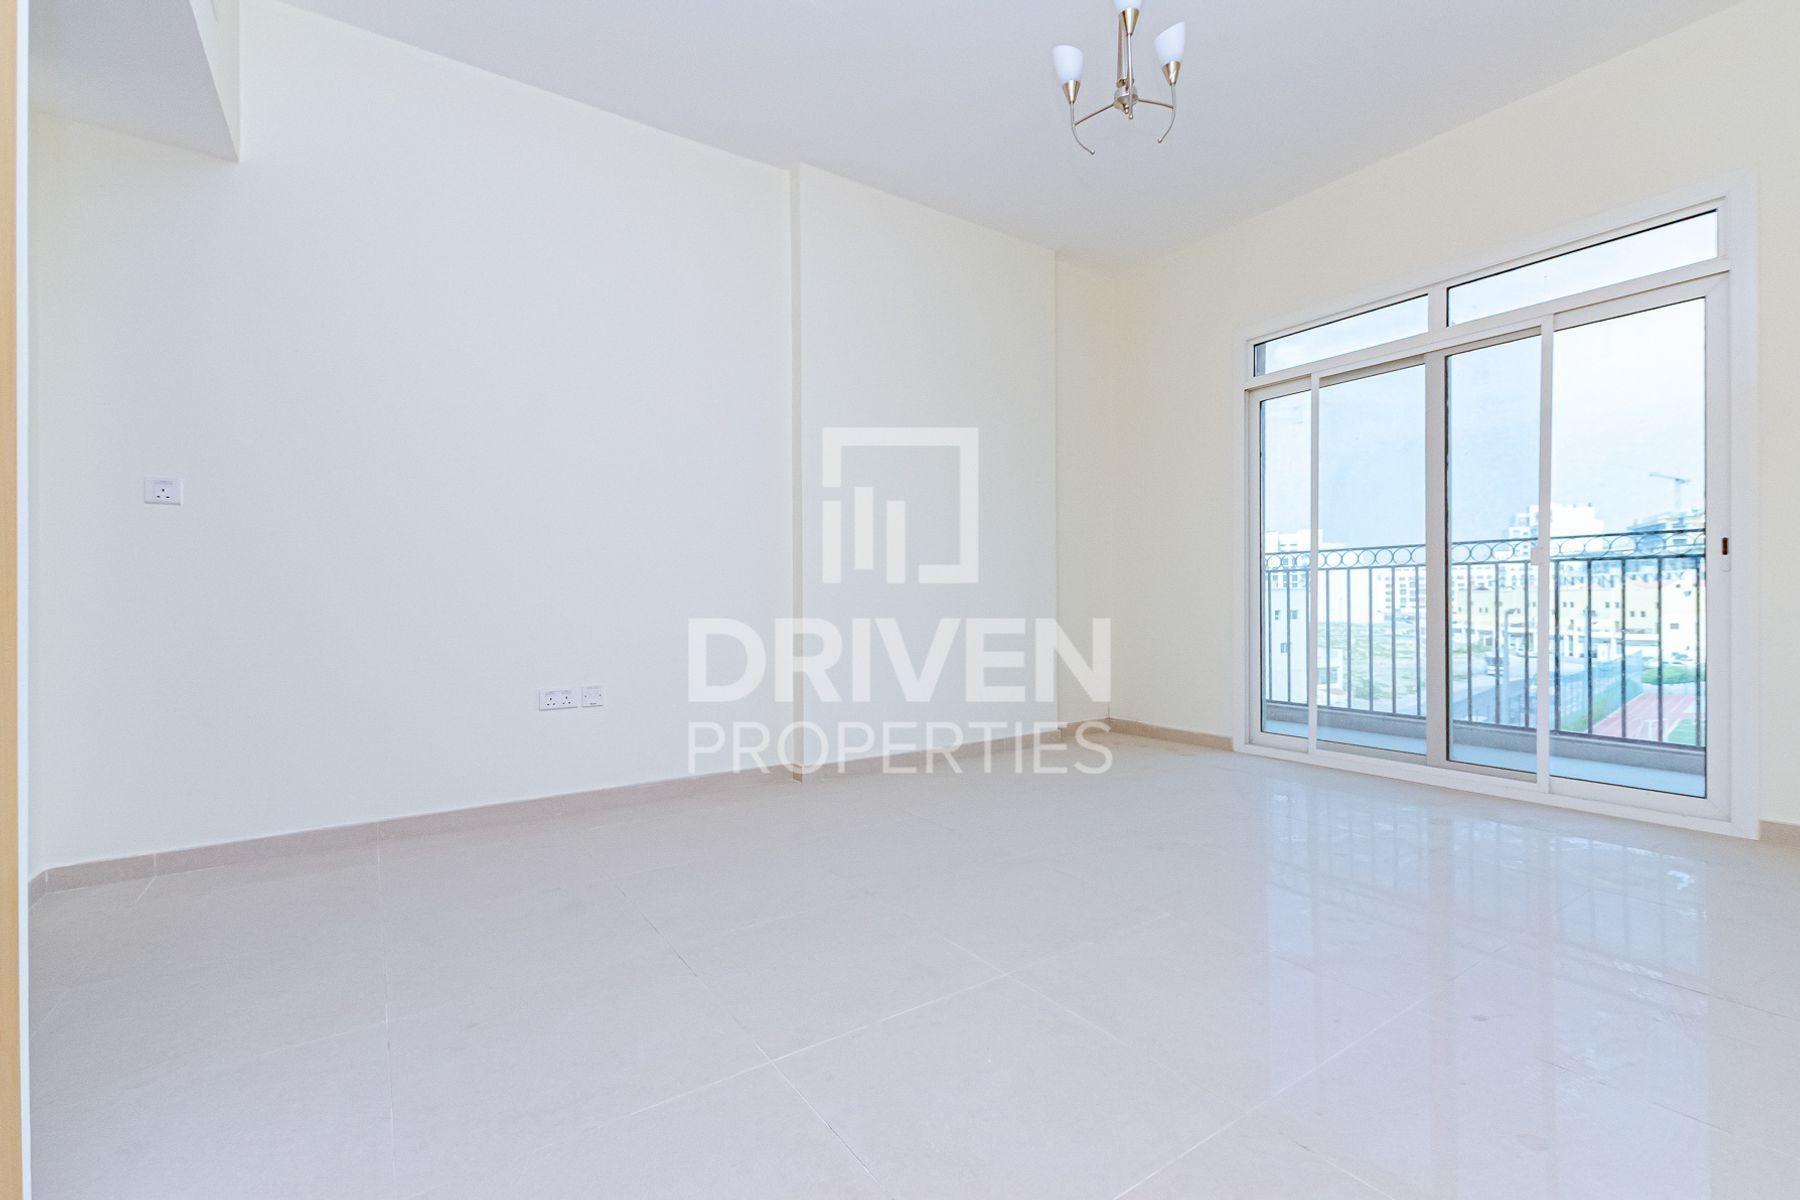 New Studio with Balcony   Prime Location